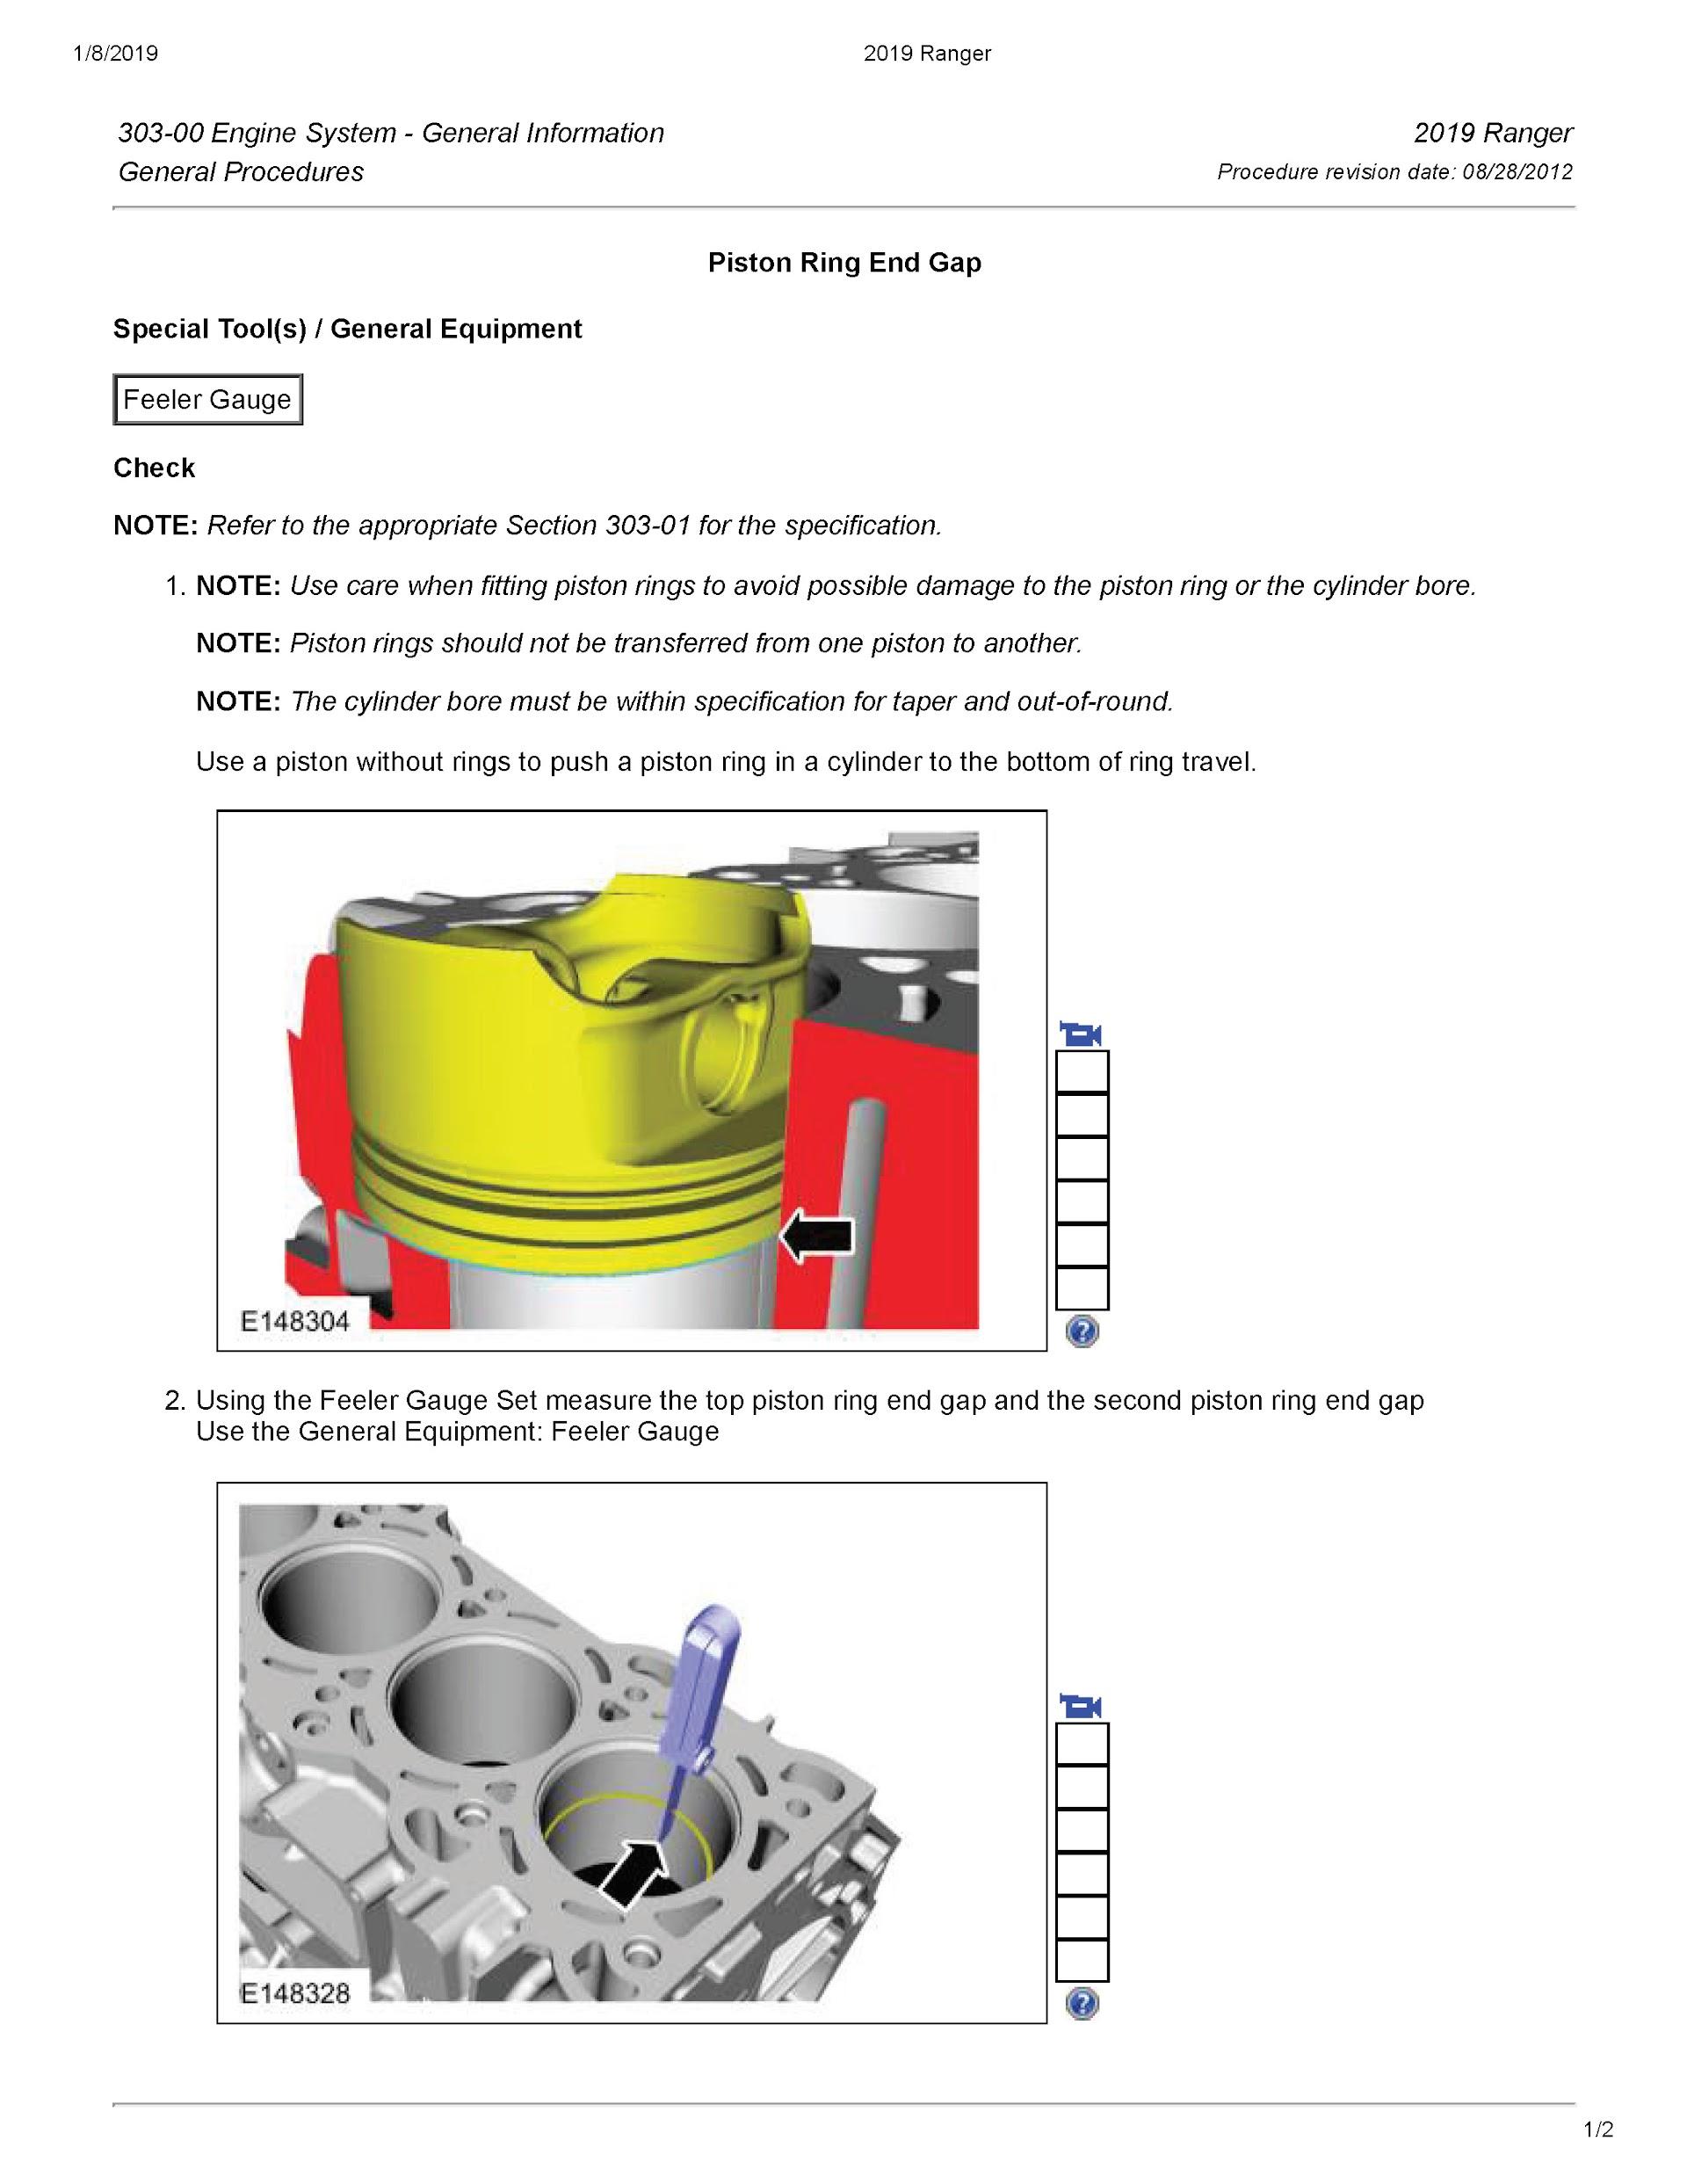 Download 2019 Ford Ranger OEM Service and Repair Manual.